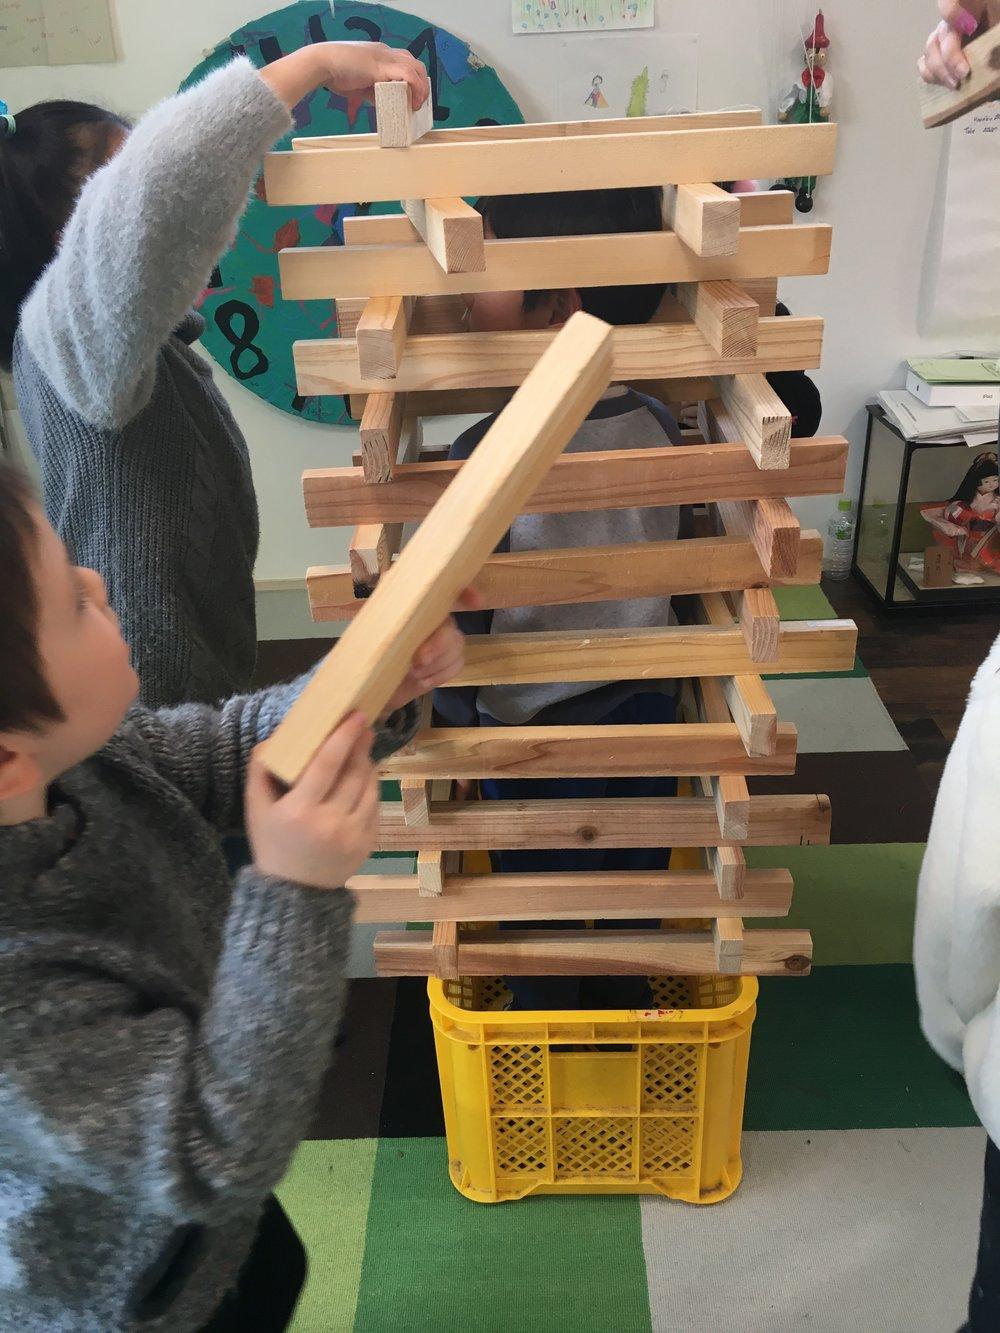 木製のブロックでタワーを作り始めた複数の児童たち